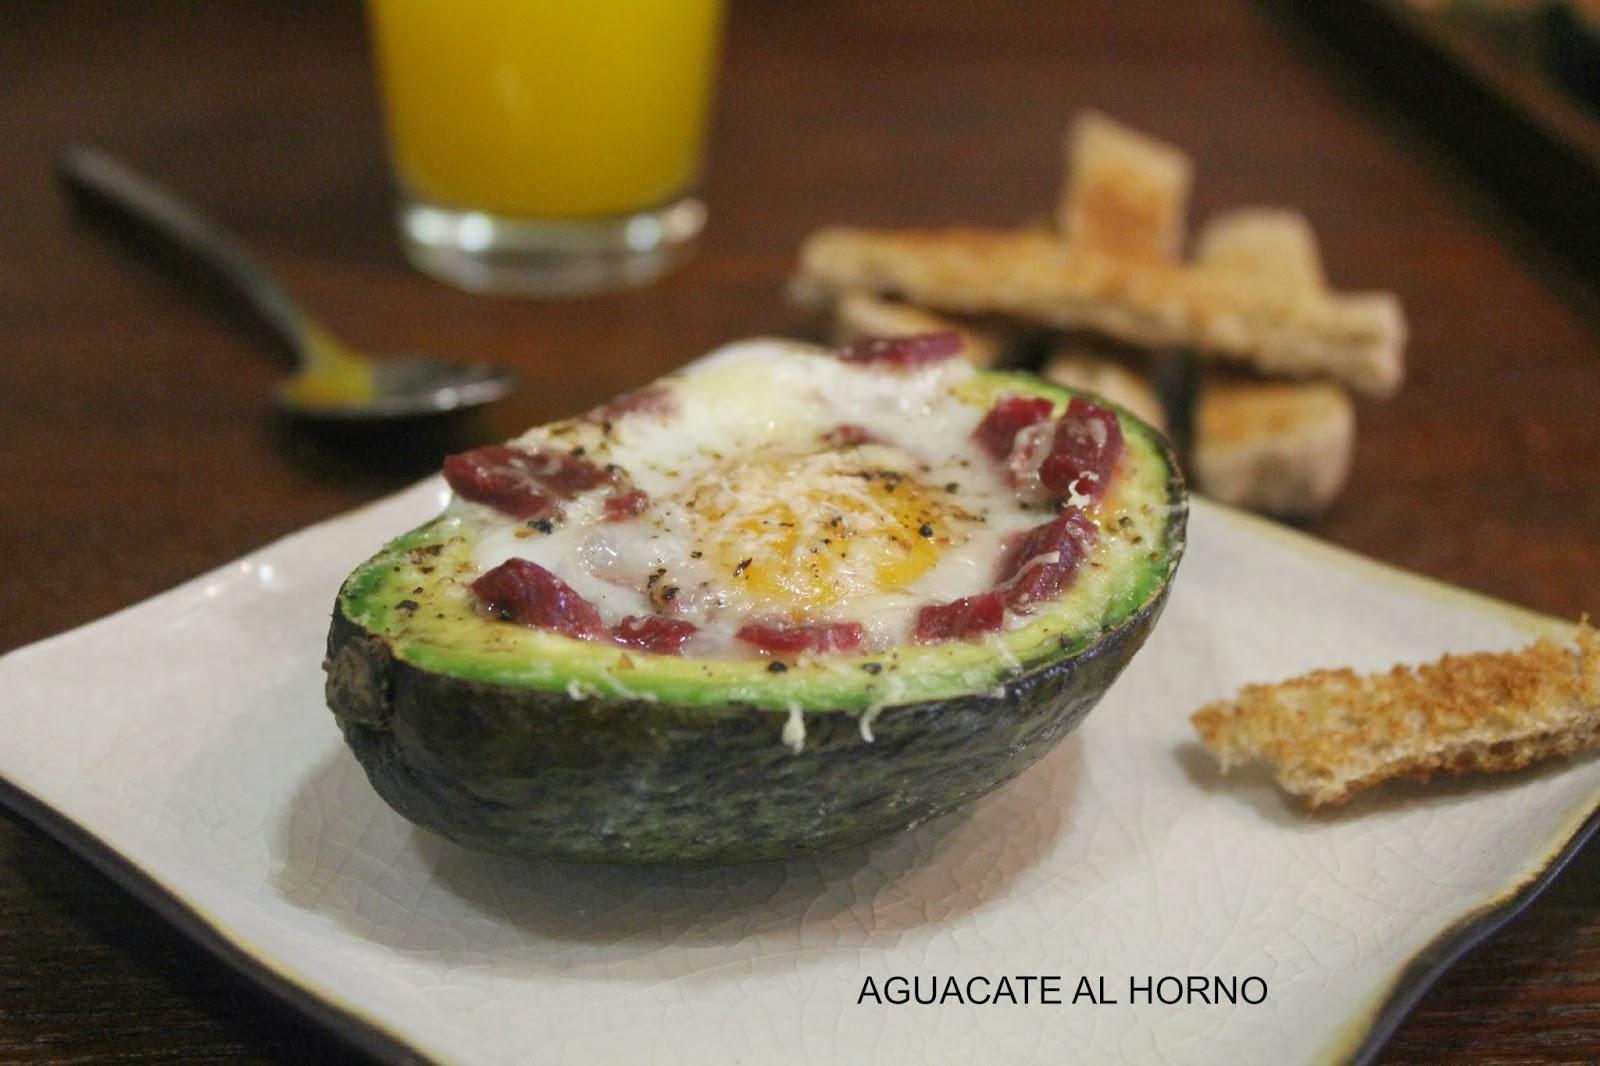 http://www.conunpardeguindillas.com/2014/02/aguacate-horno-huevo-jamon-queso.html